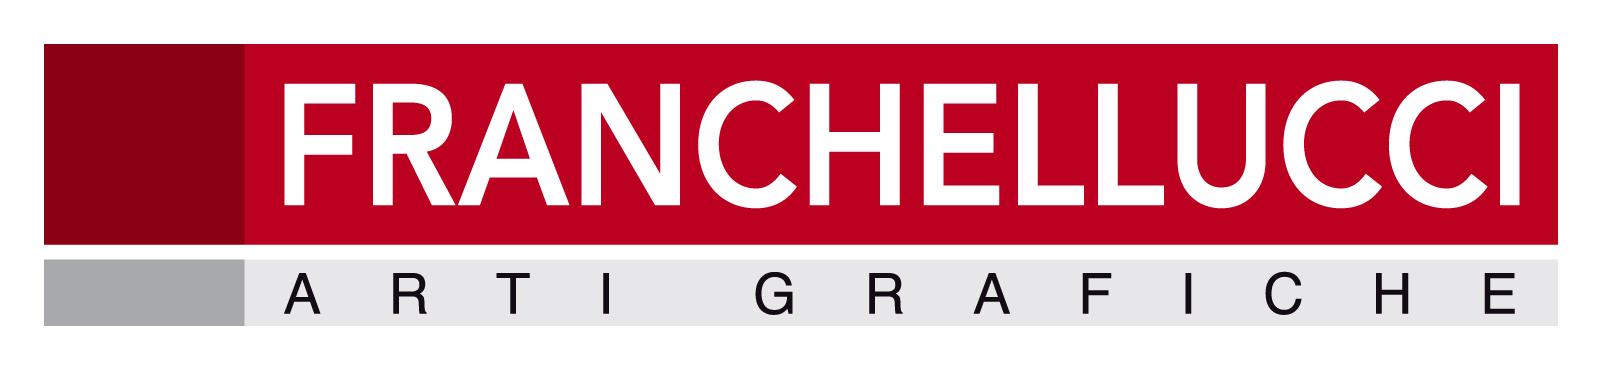 FRANCHELLUCCI_marchio1